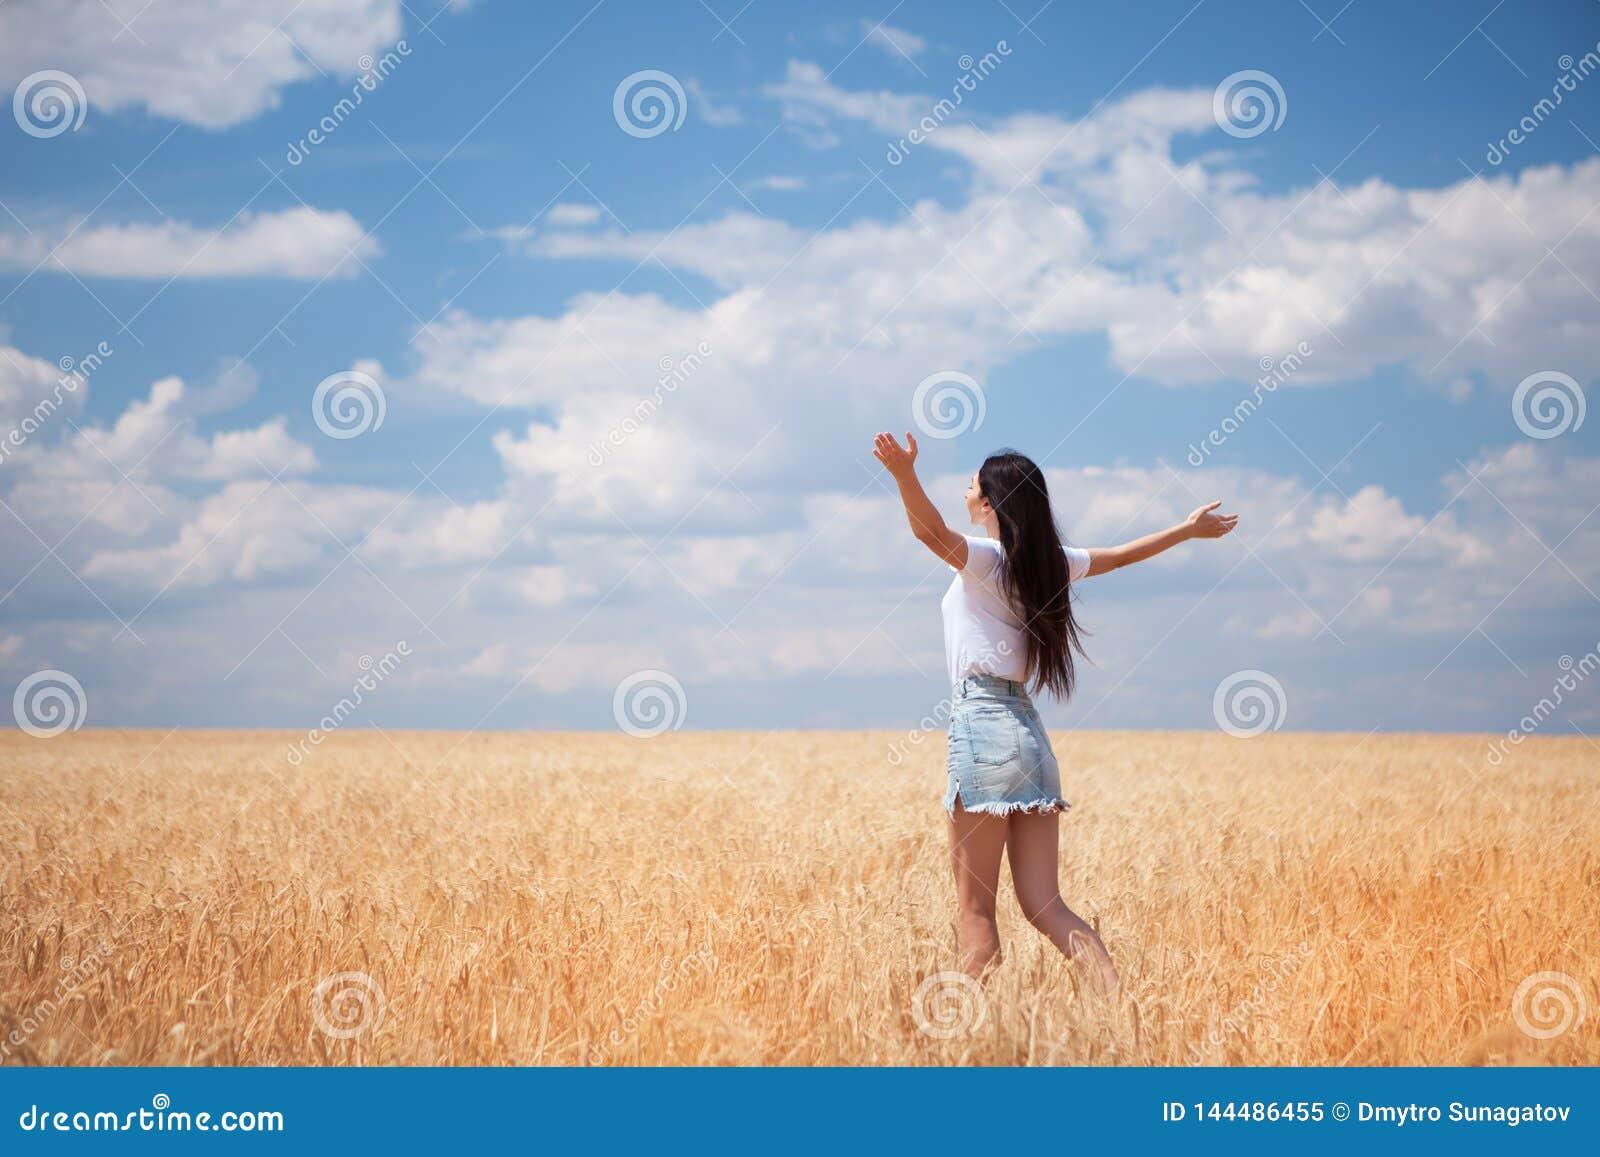 Gelukkige vrouw die van het leven op de schoonheid van de gebiedsaard, de blauwe hemel en het gebied met gouden tarwe genieten Op